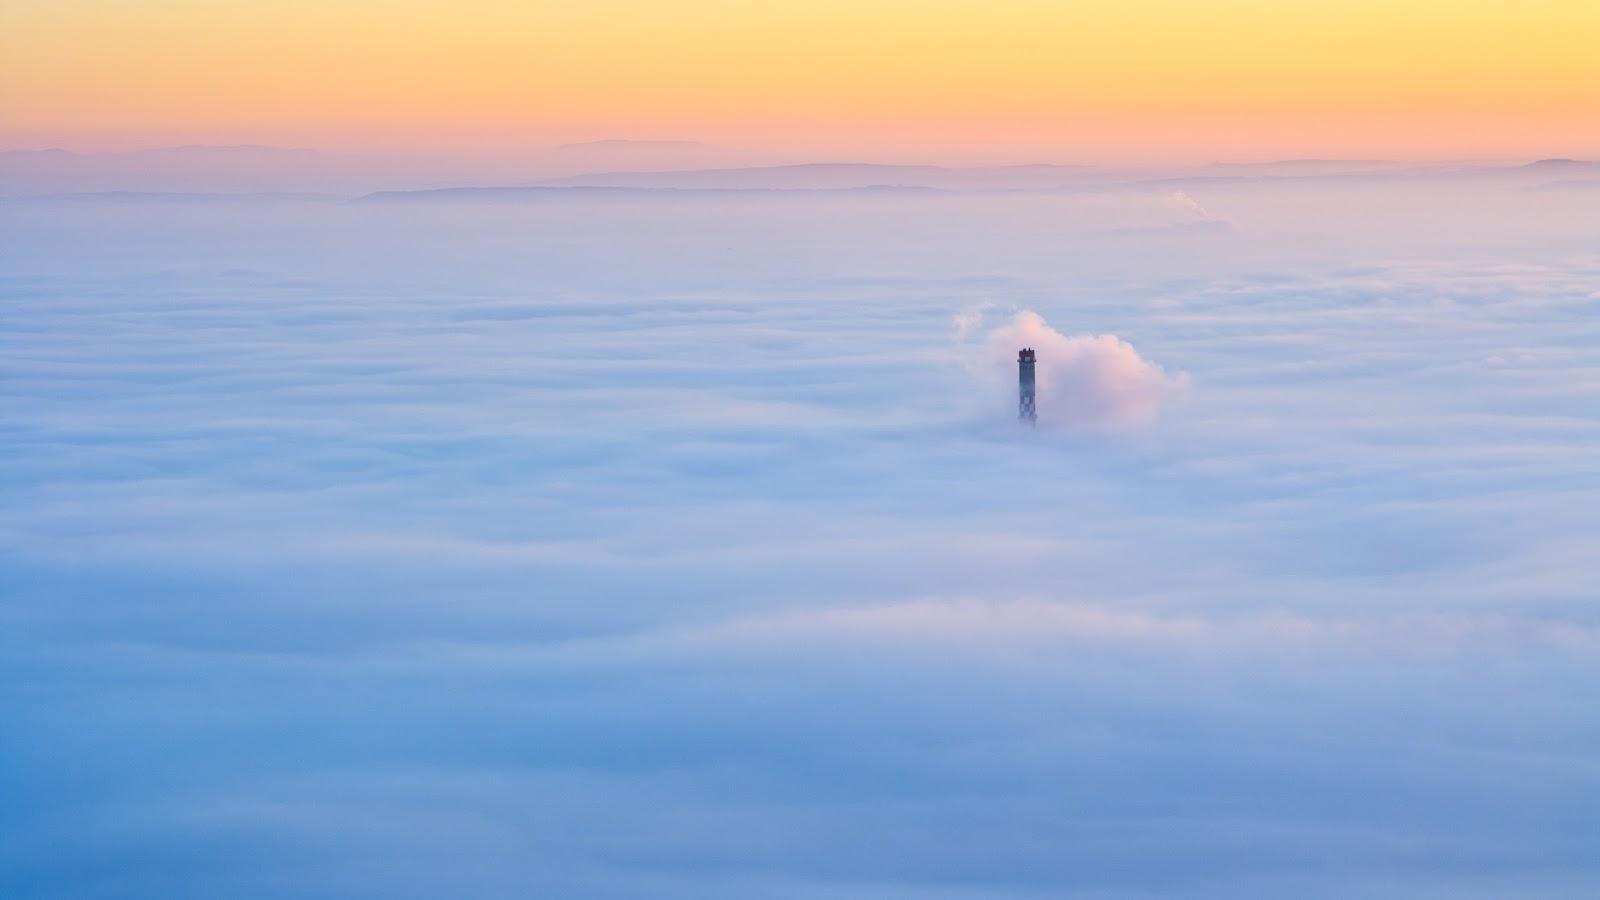 Budapest ködben hármashatár hegyről, csak a Főtáv kémény látszik ki.